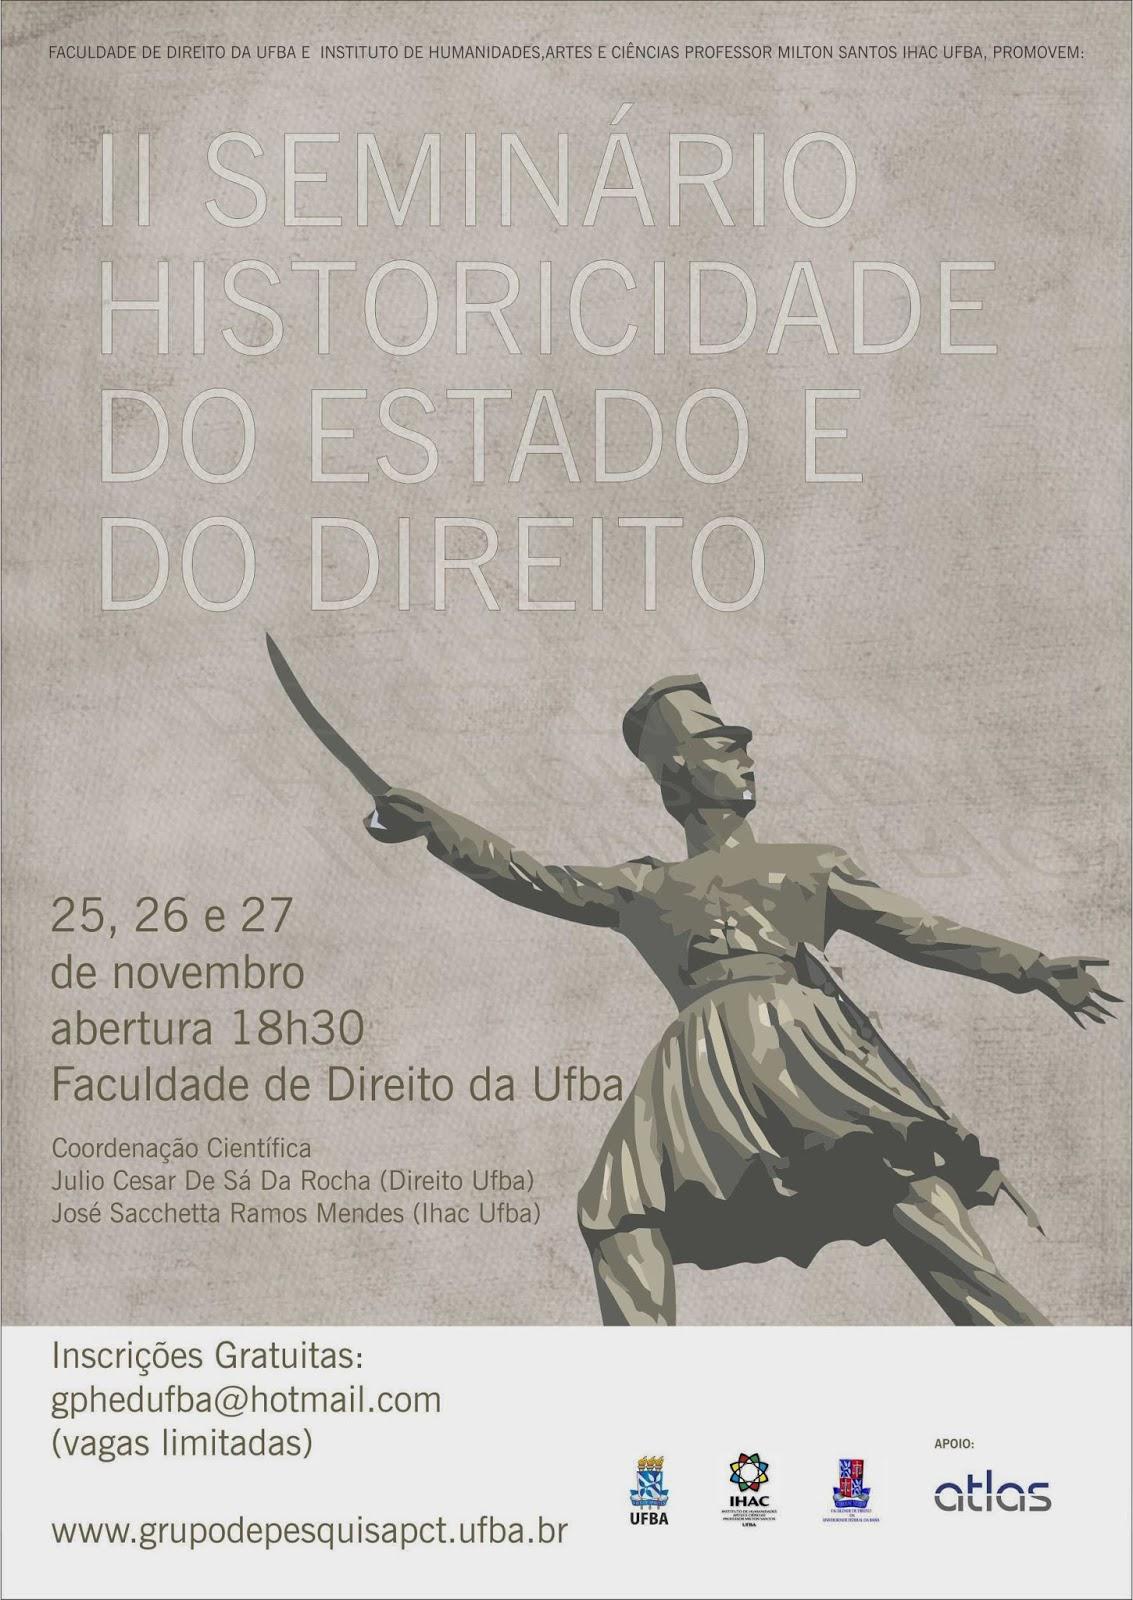 II Seminário Historicidade do Estado e do Direito